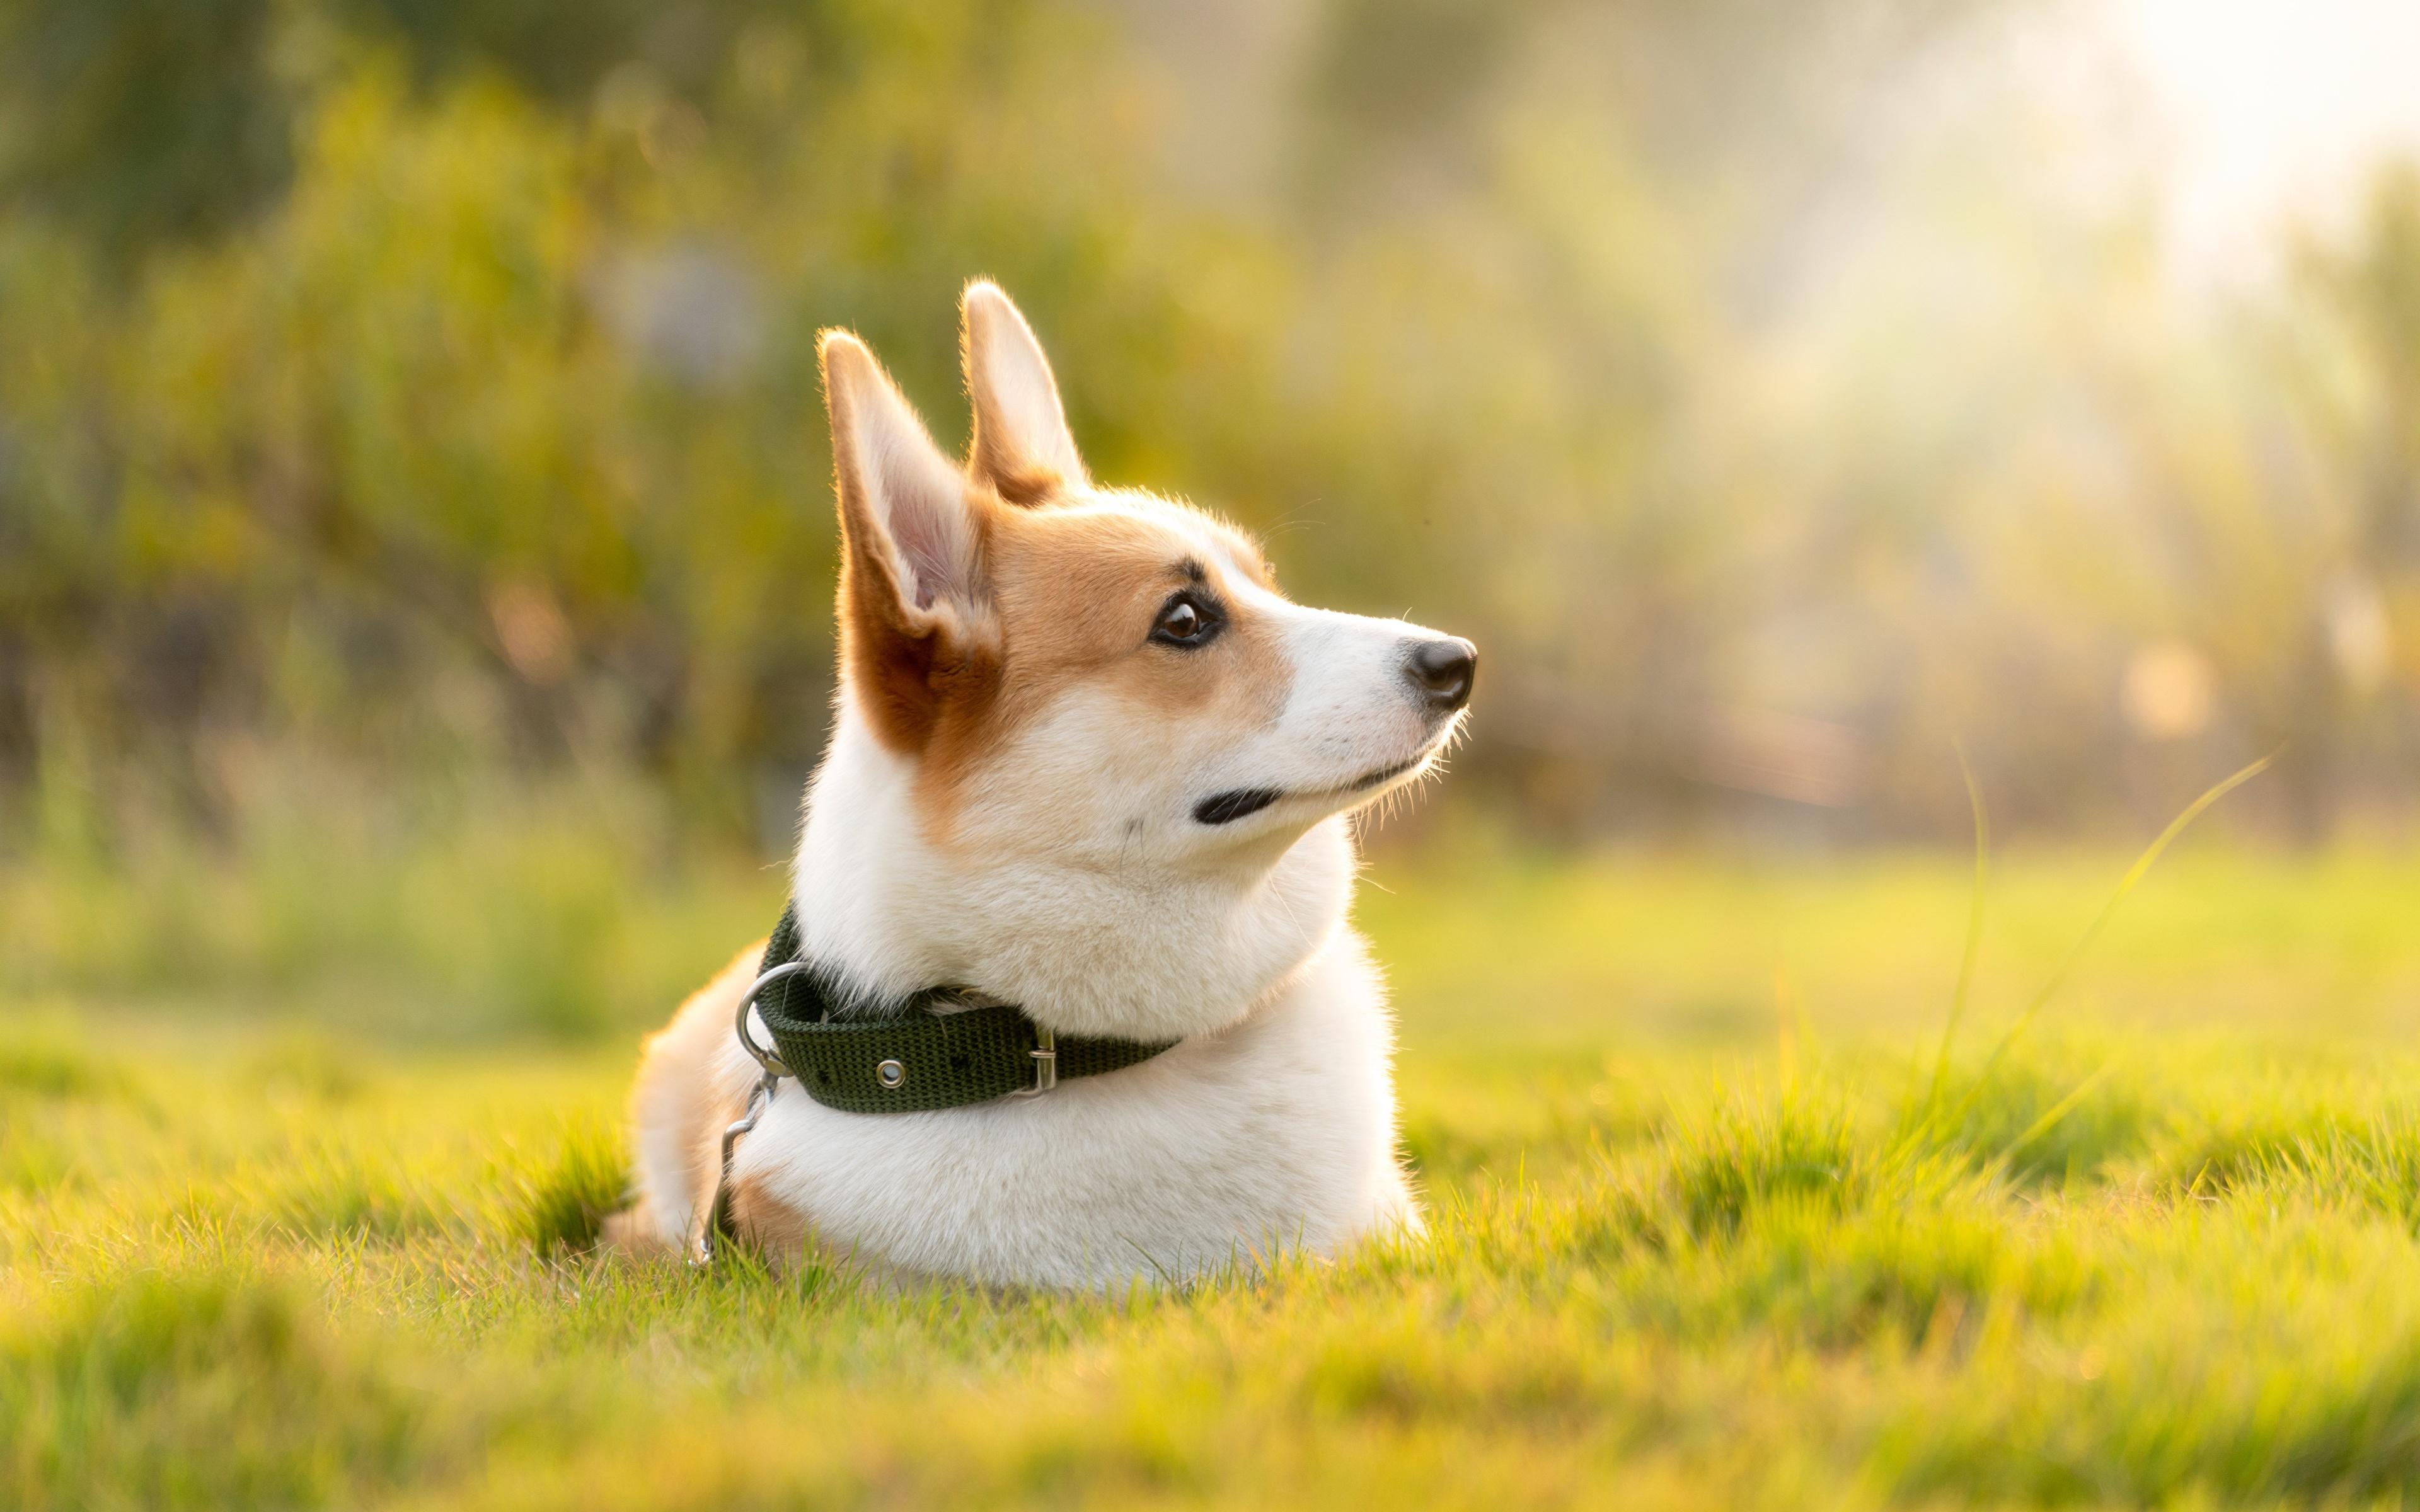 壁紙 3840x2400 イヌ 草 横になる ウェルシュ コーギー ボケ写真 動物 ダウンロード 写真